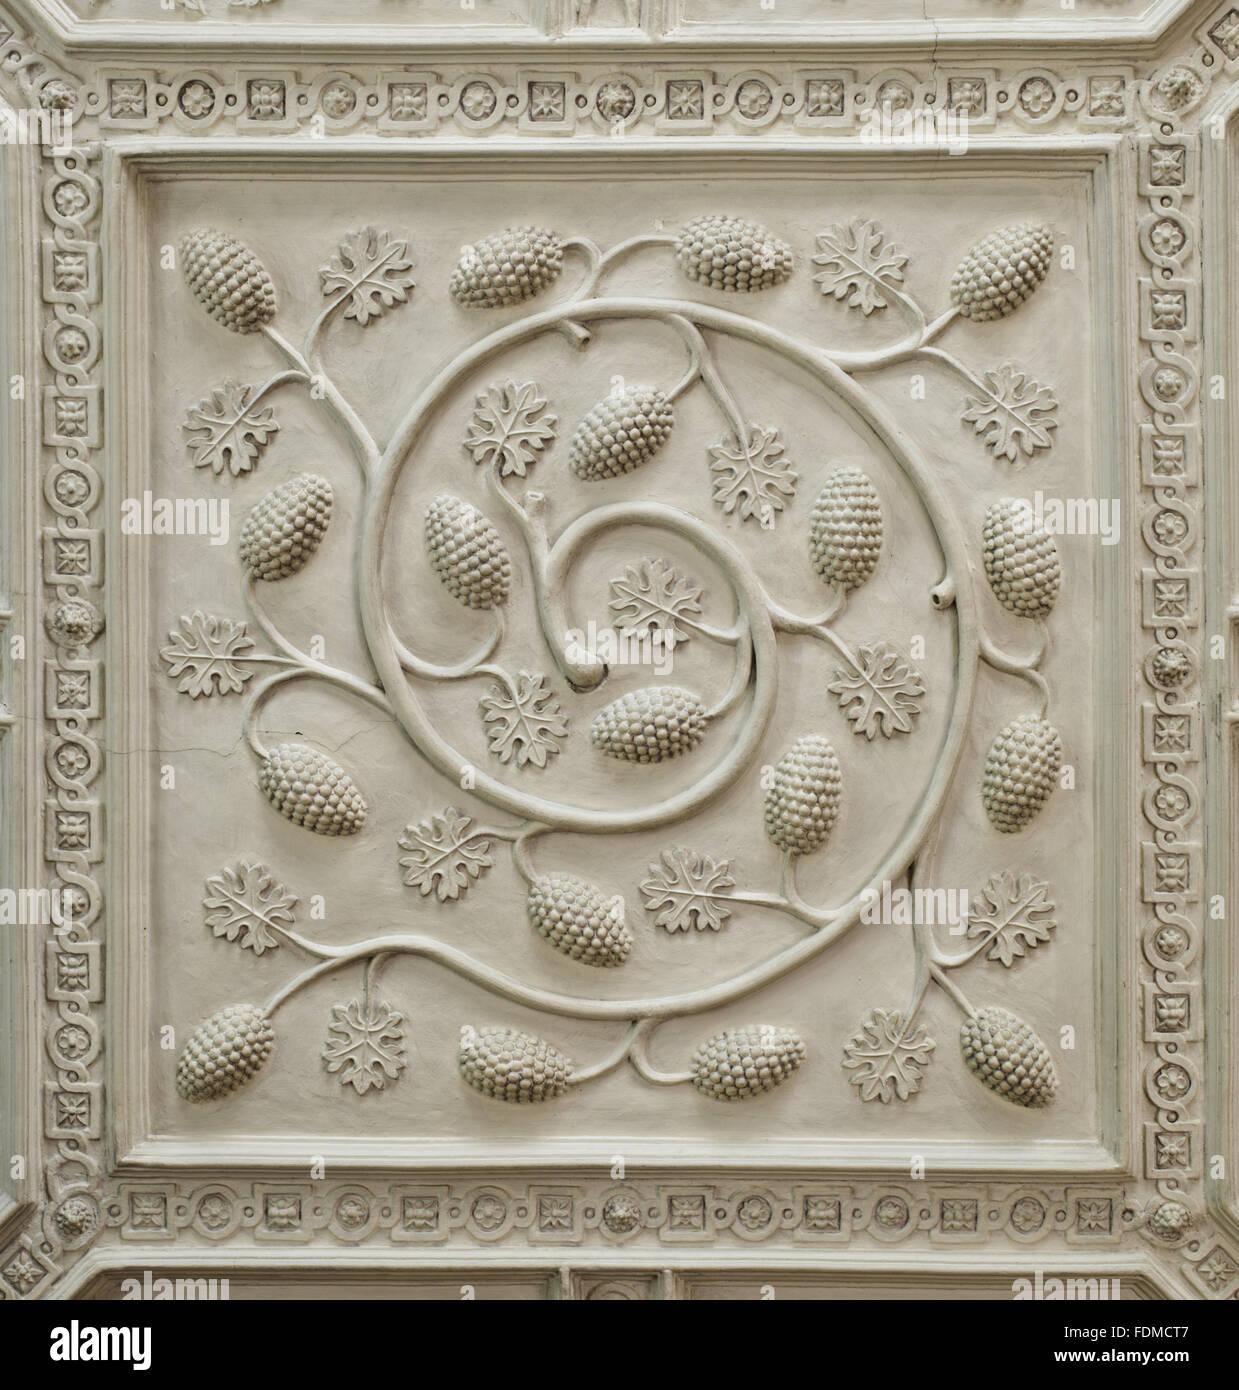 Dettaglio della sezione centrale del soffitto in gesso nella Drawing Room a Gawthorpe Hall, nel Lancashire. Il design Immagini Stock